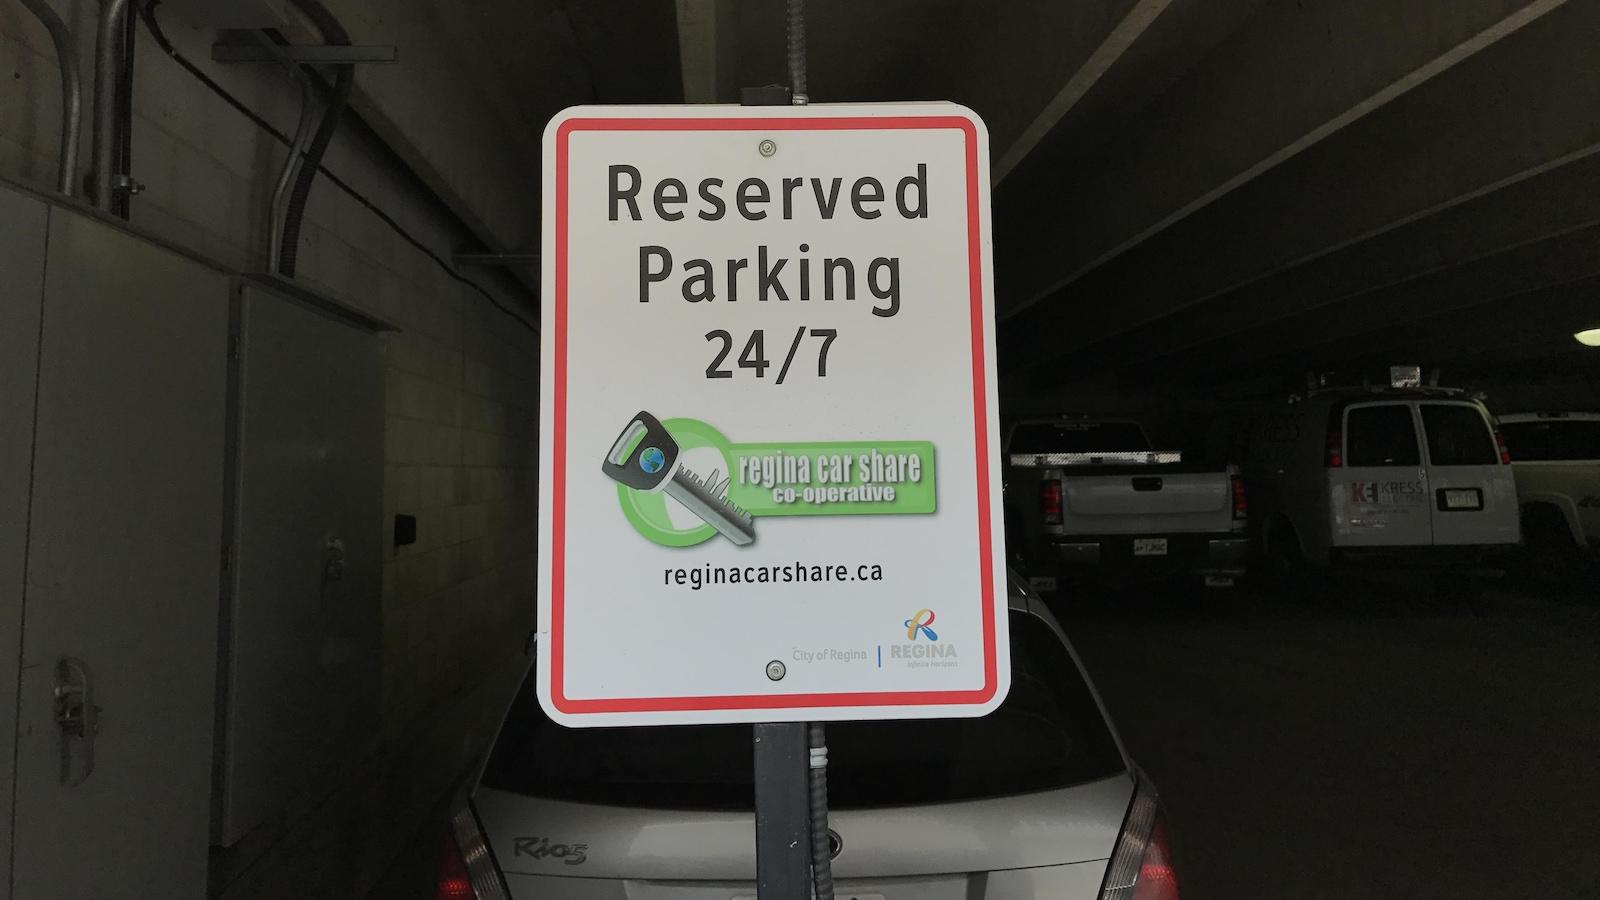 Une affiche dans le stationnement de l'hôtel de ville indique que l'espace est réservé pour Regina Car Sharing.